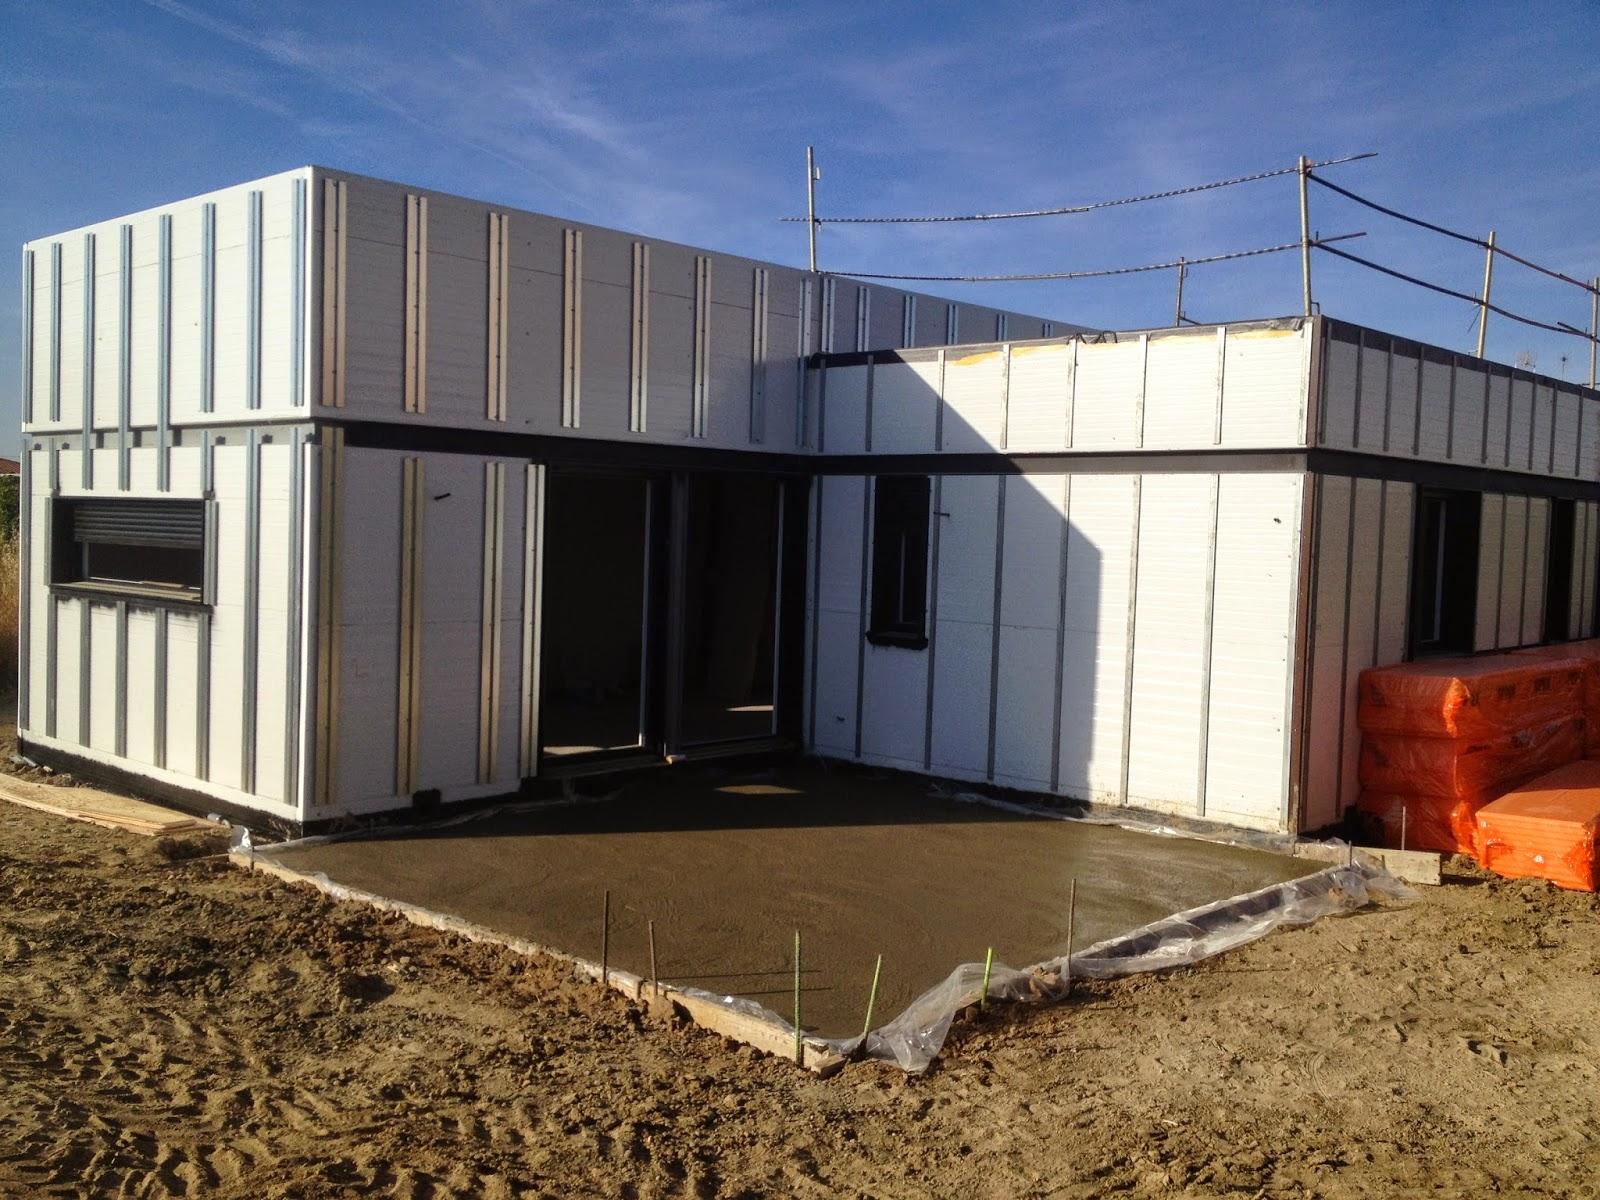 Subestructura fachada ventilada vivienda modular Resan